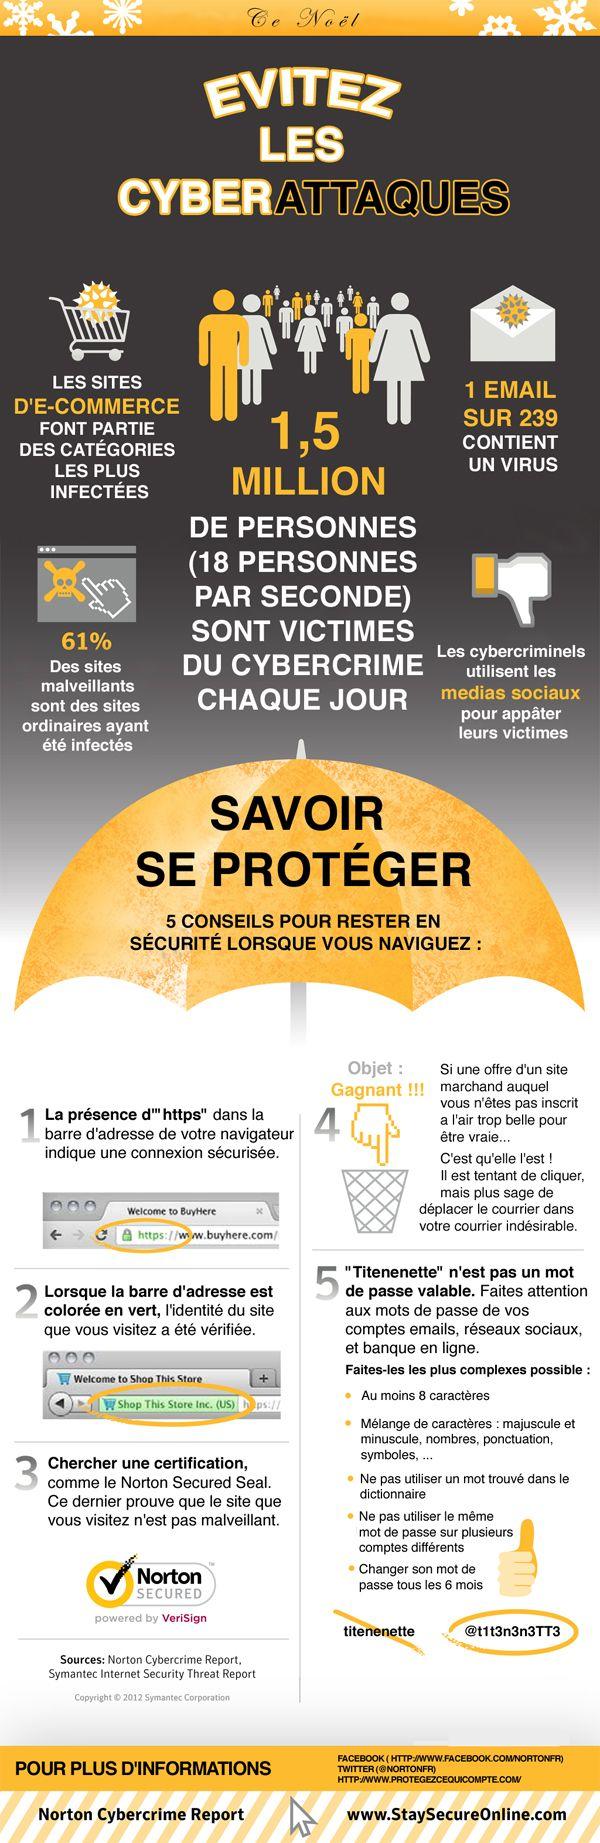 Evolution des #fraudes à la carte bancaire sur internet /// Evitez les #cyberattaques